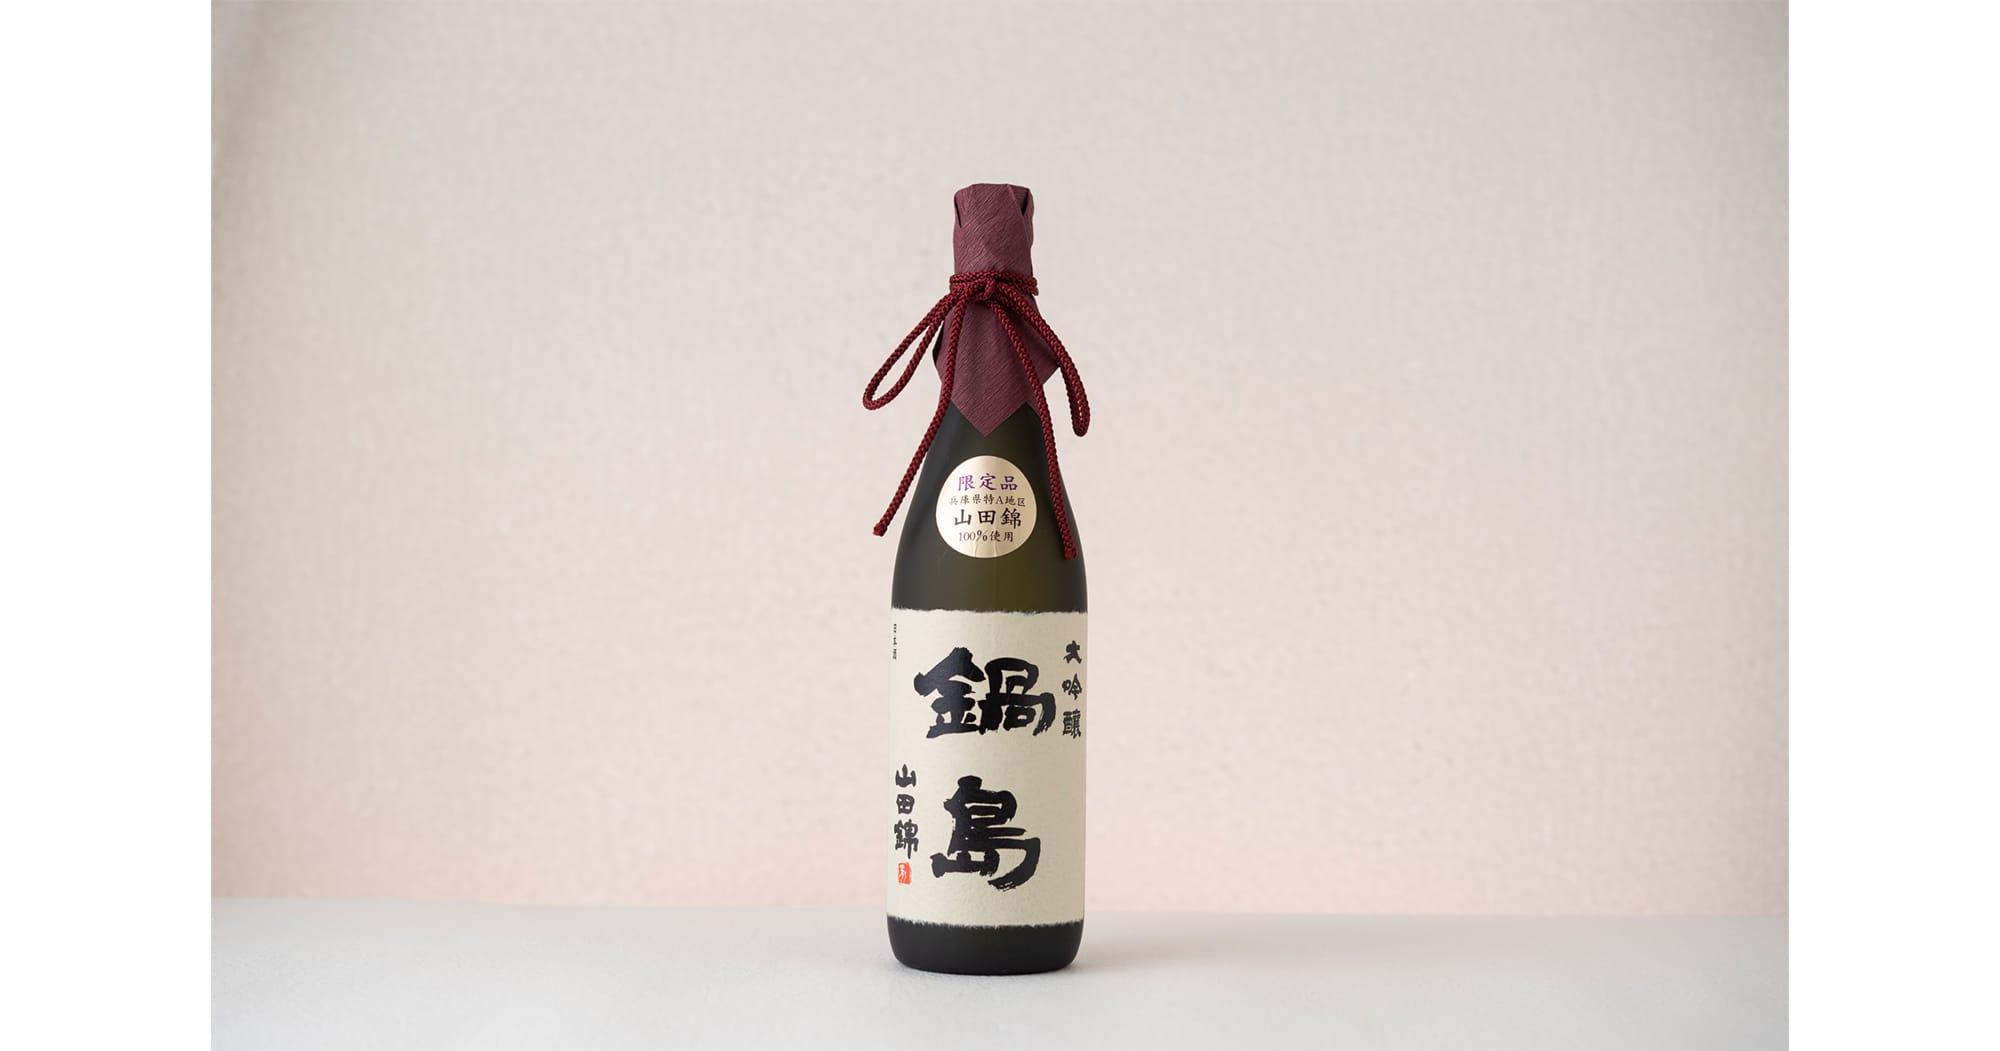 「鍋島 大吟醸」720ml 3,000円(税抜)